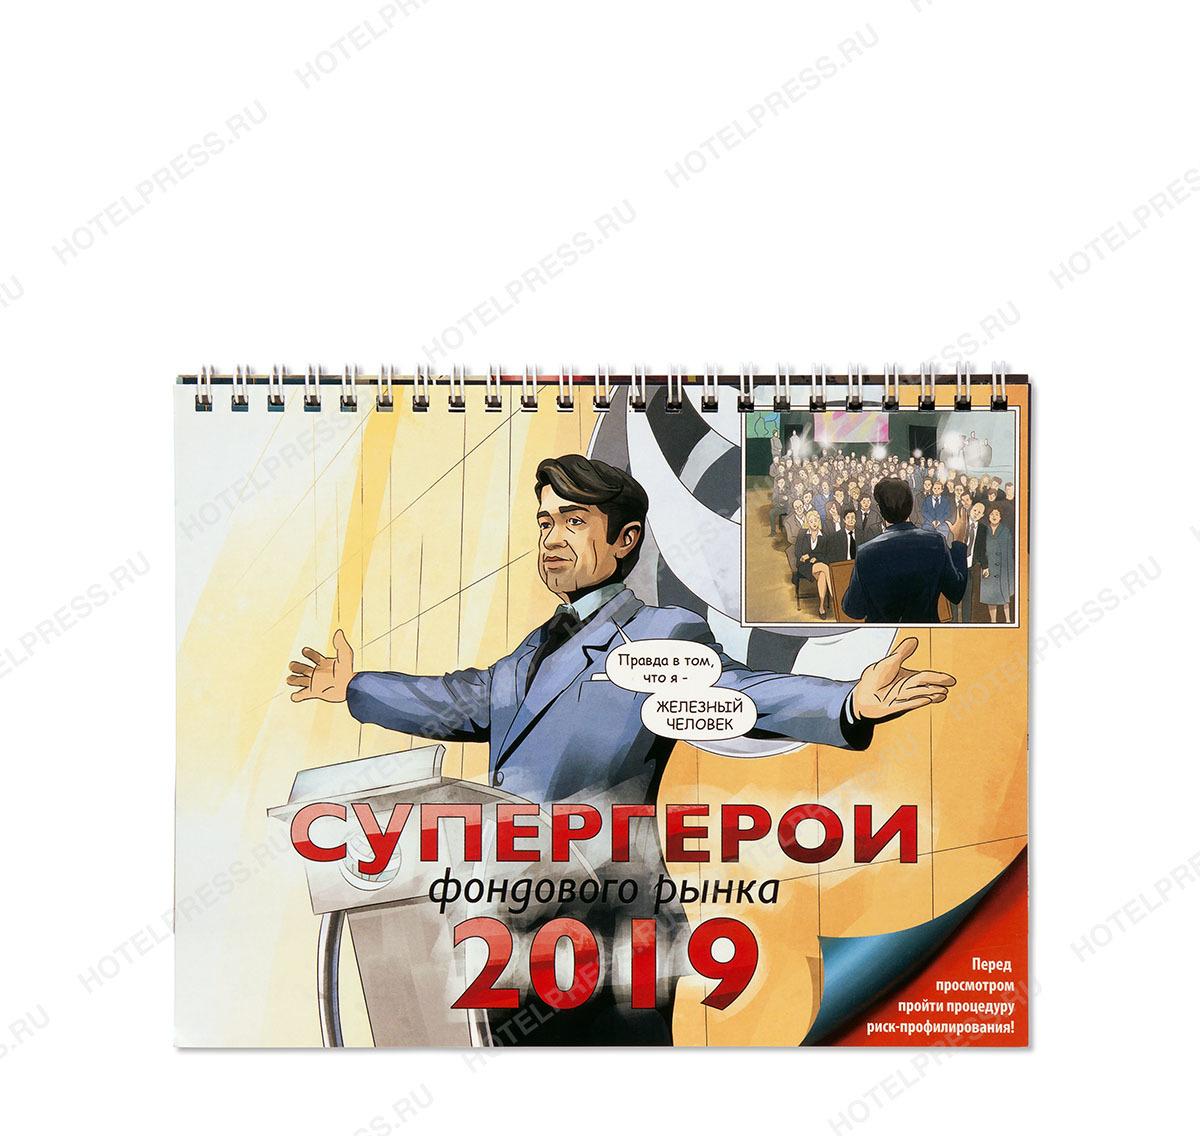 Календарь Супергерой фондового рынка 2019